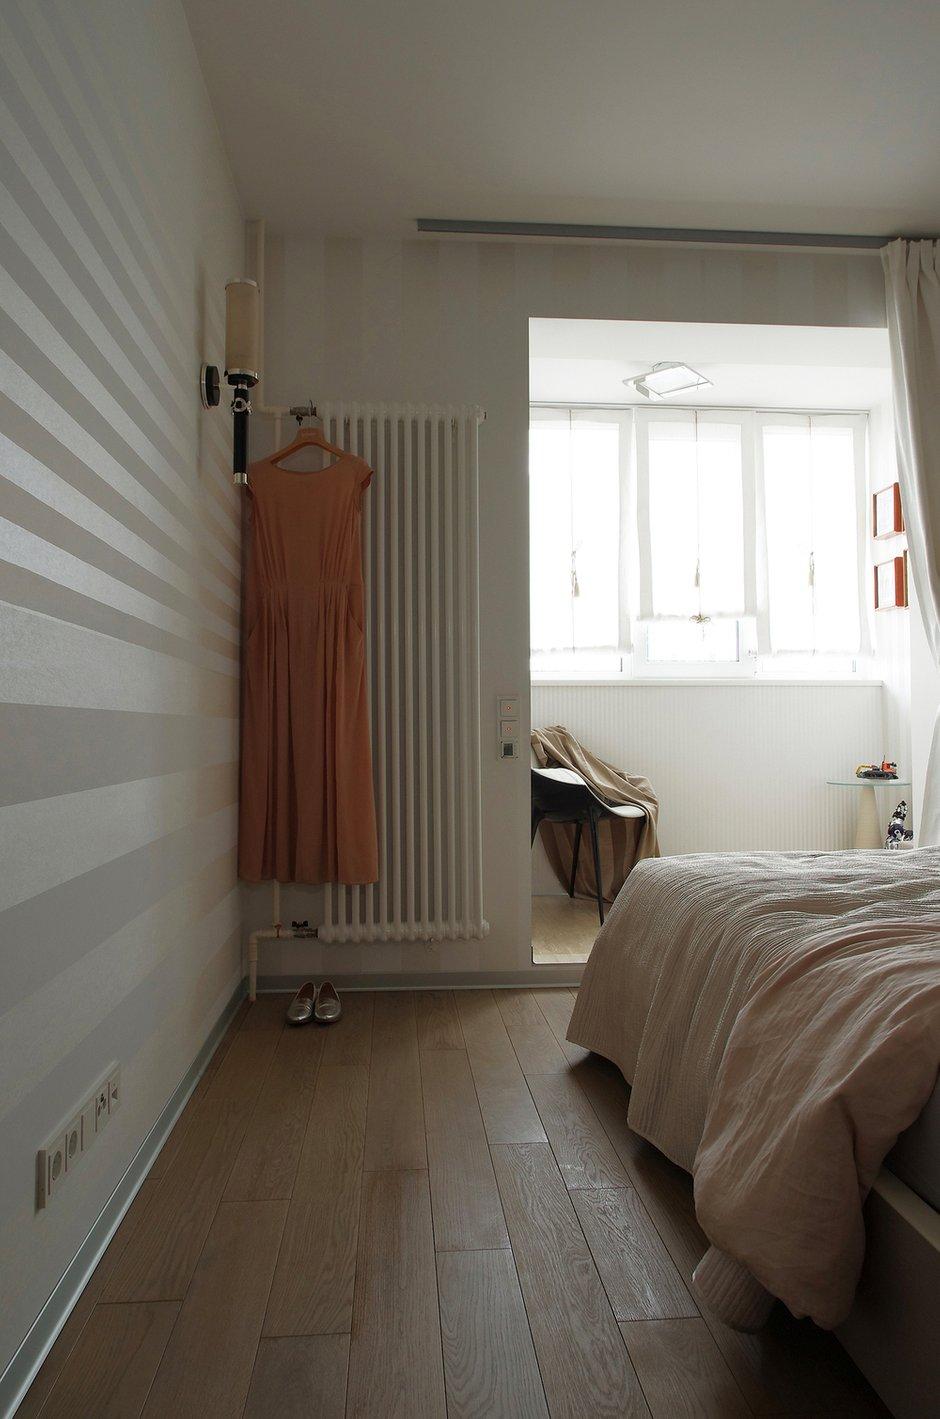 Фотография: Спальня в стиле Современный, Квартира, Проект недели, Москва, Панельный дом, Светлана Бородулина, 2 комнаты, 60-90 метров – фото на InMyRoom.ru